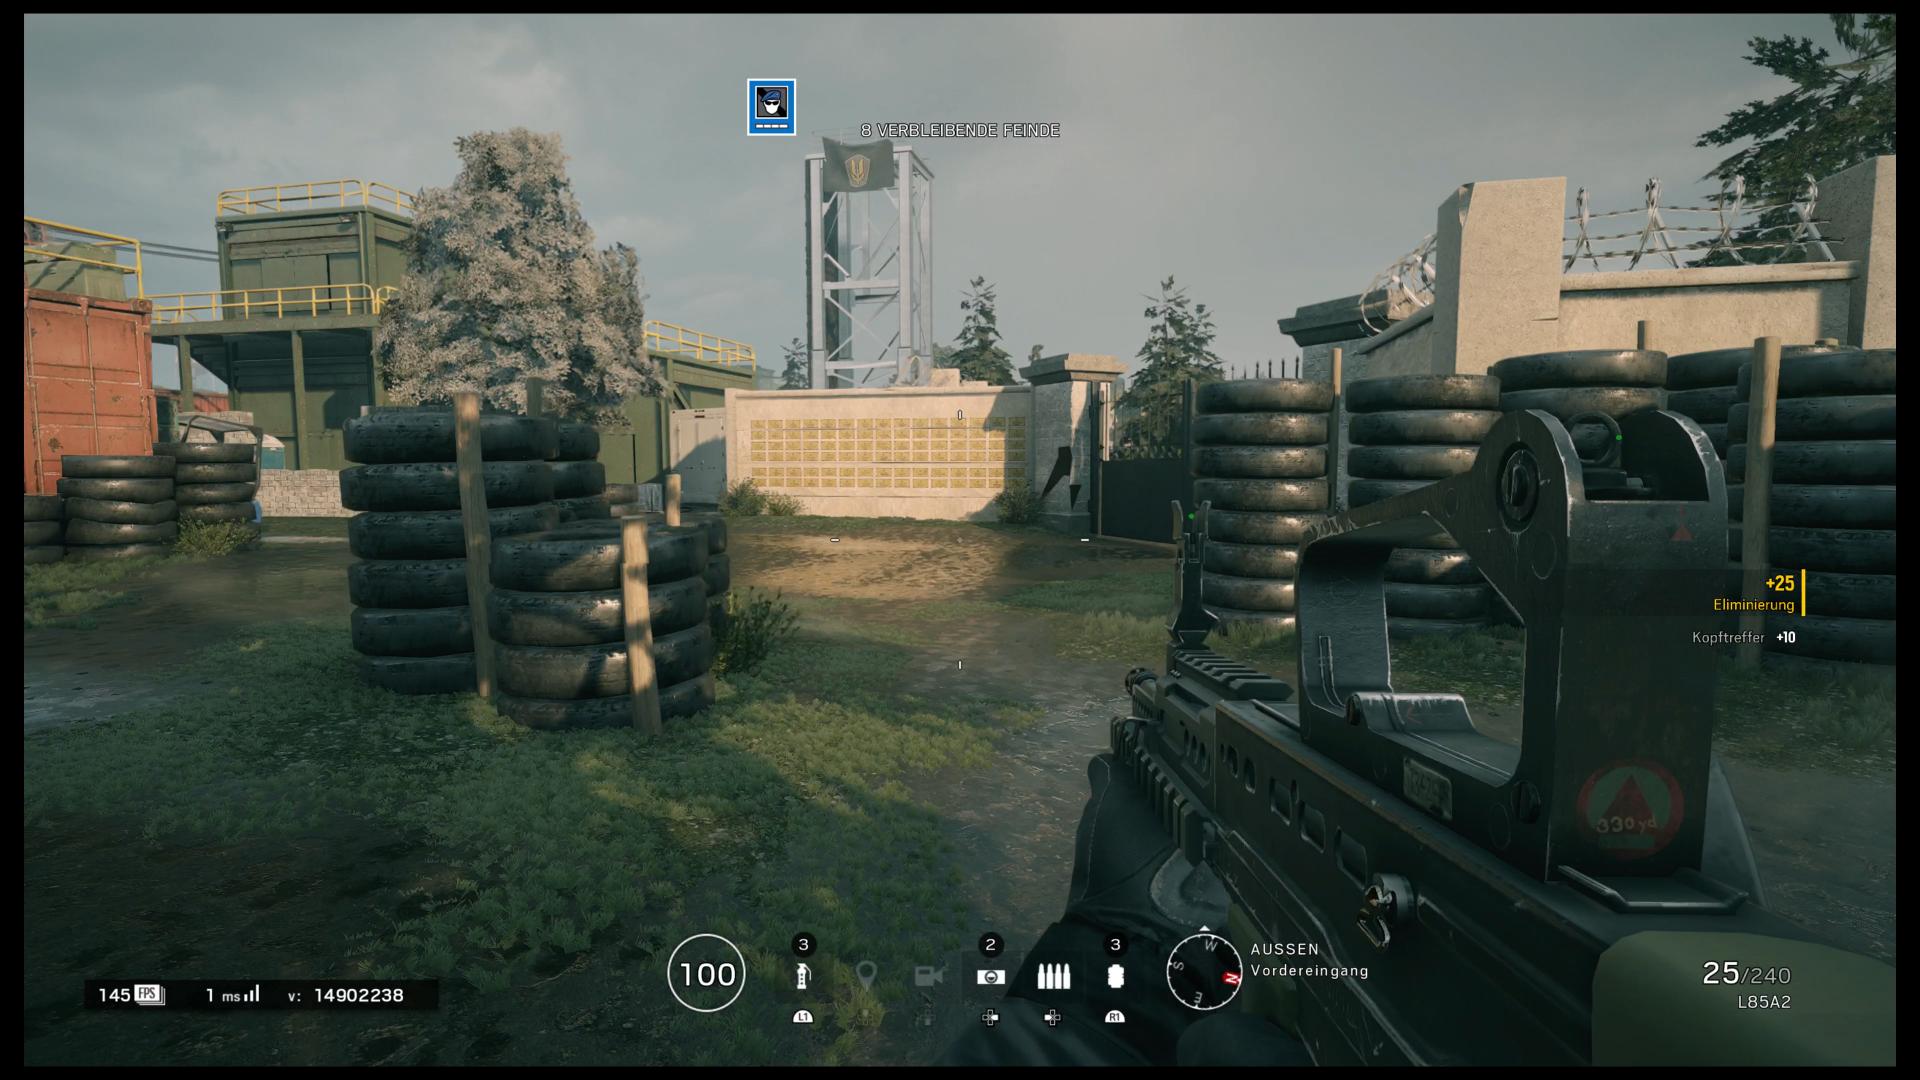 Next-Gen im Test: Playstation 5 liefert Bling-Bling und Begeisterung - Rainbow Six Siege zeigt links unten die aktuelle Bildrate. (Bild: Ubisoft/Screenshot: Golem.de)